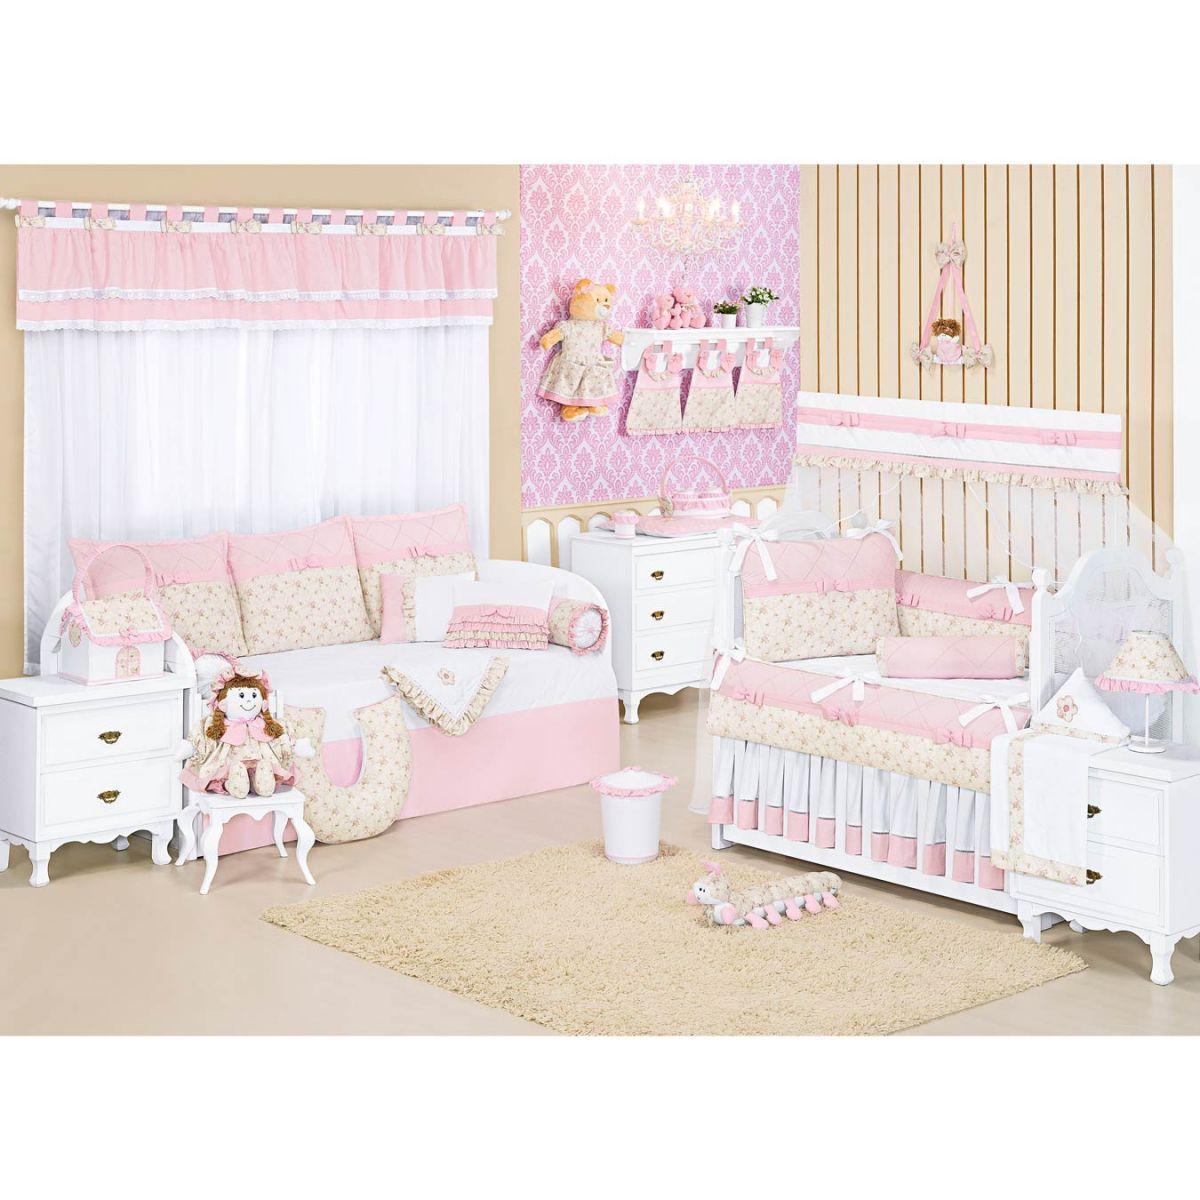 Coleção Completa para Quarto de Bebê Lacinhos Baby Rosa - 32 Peças